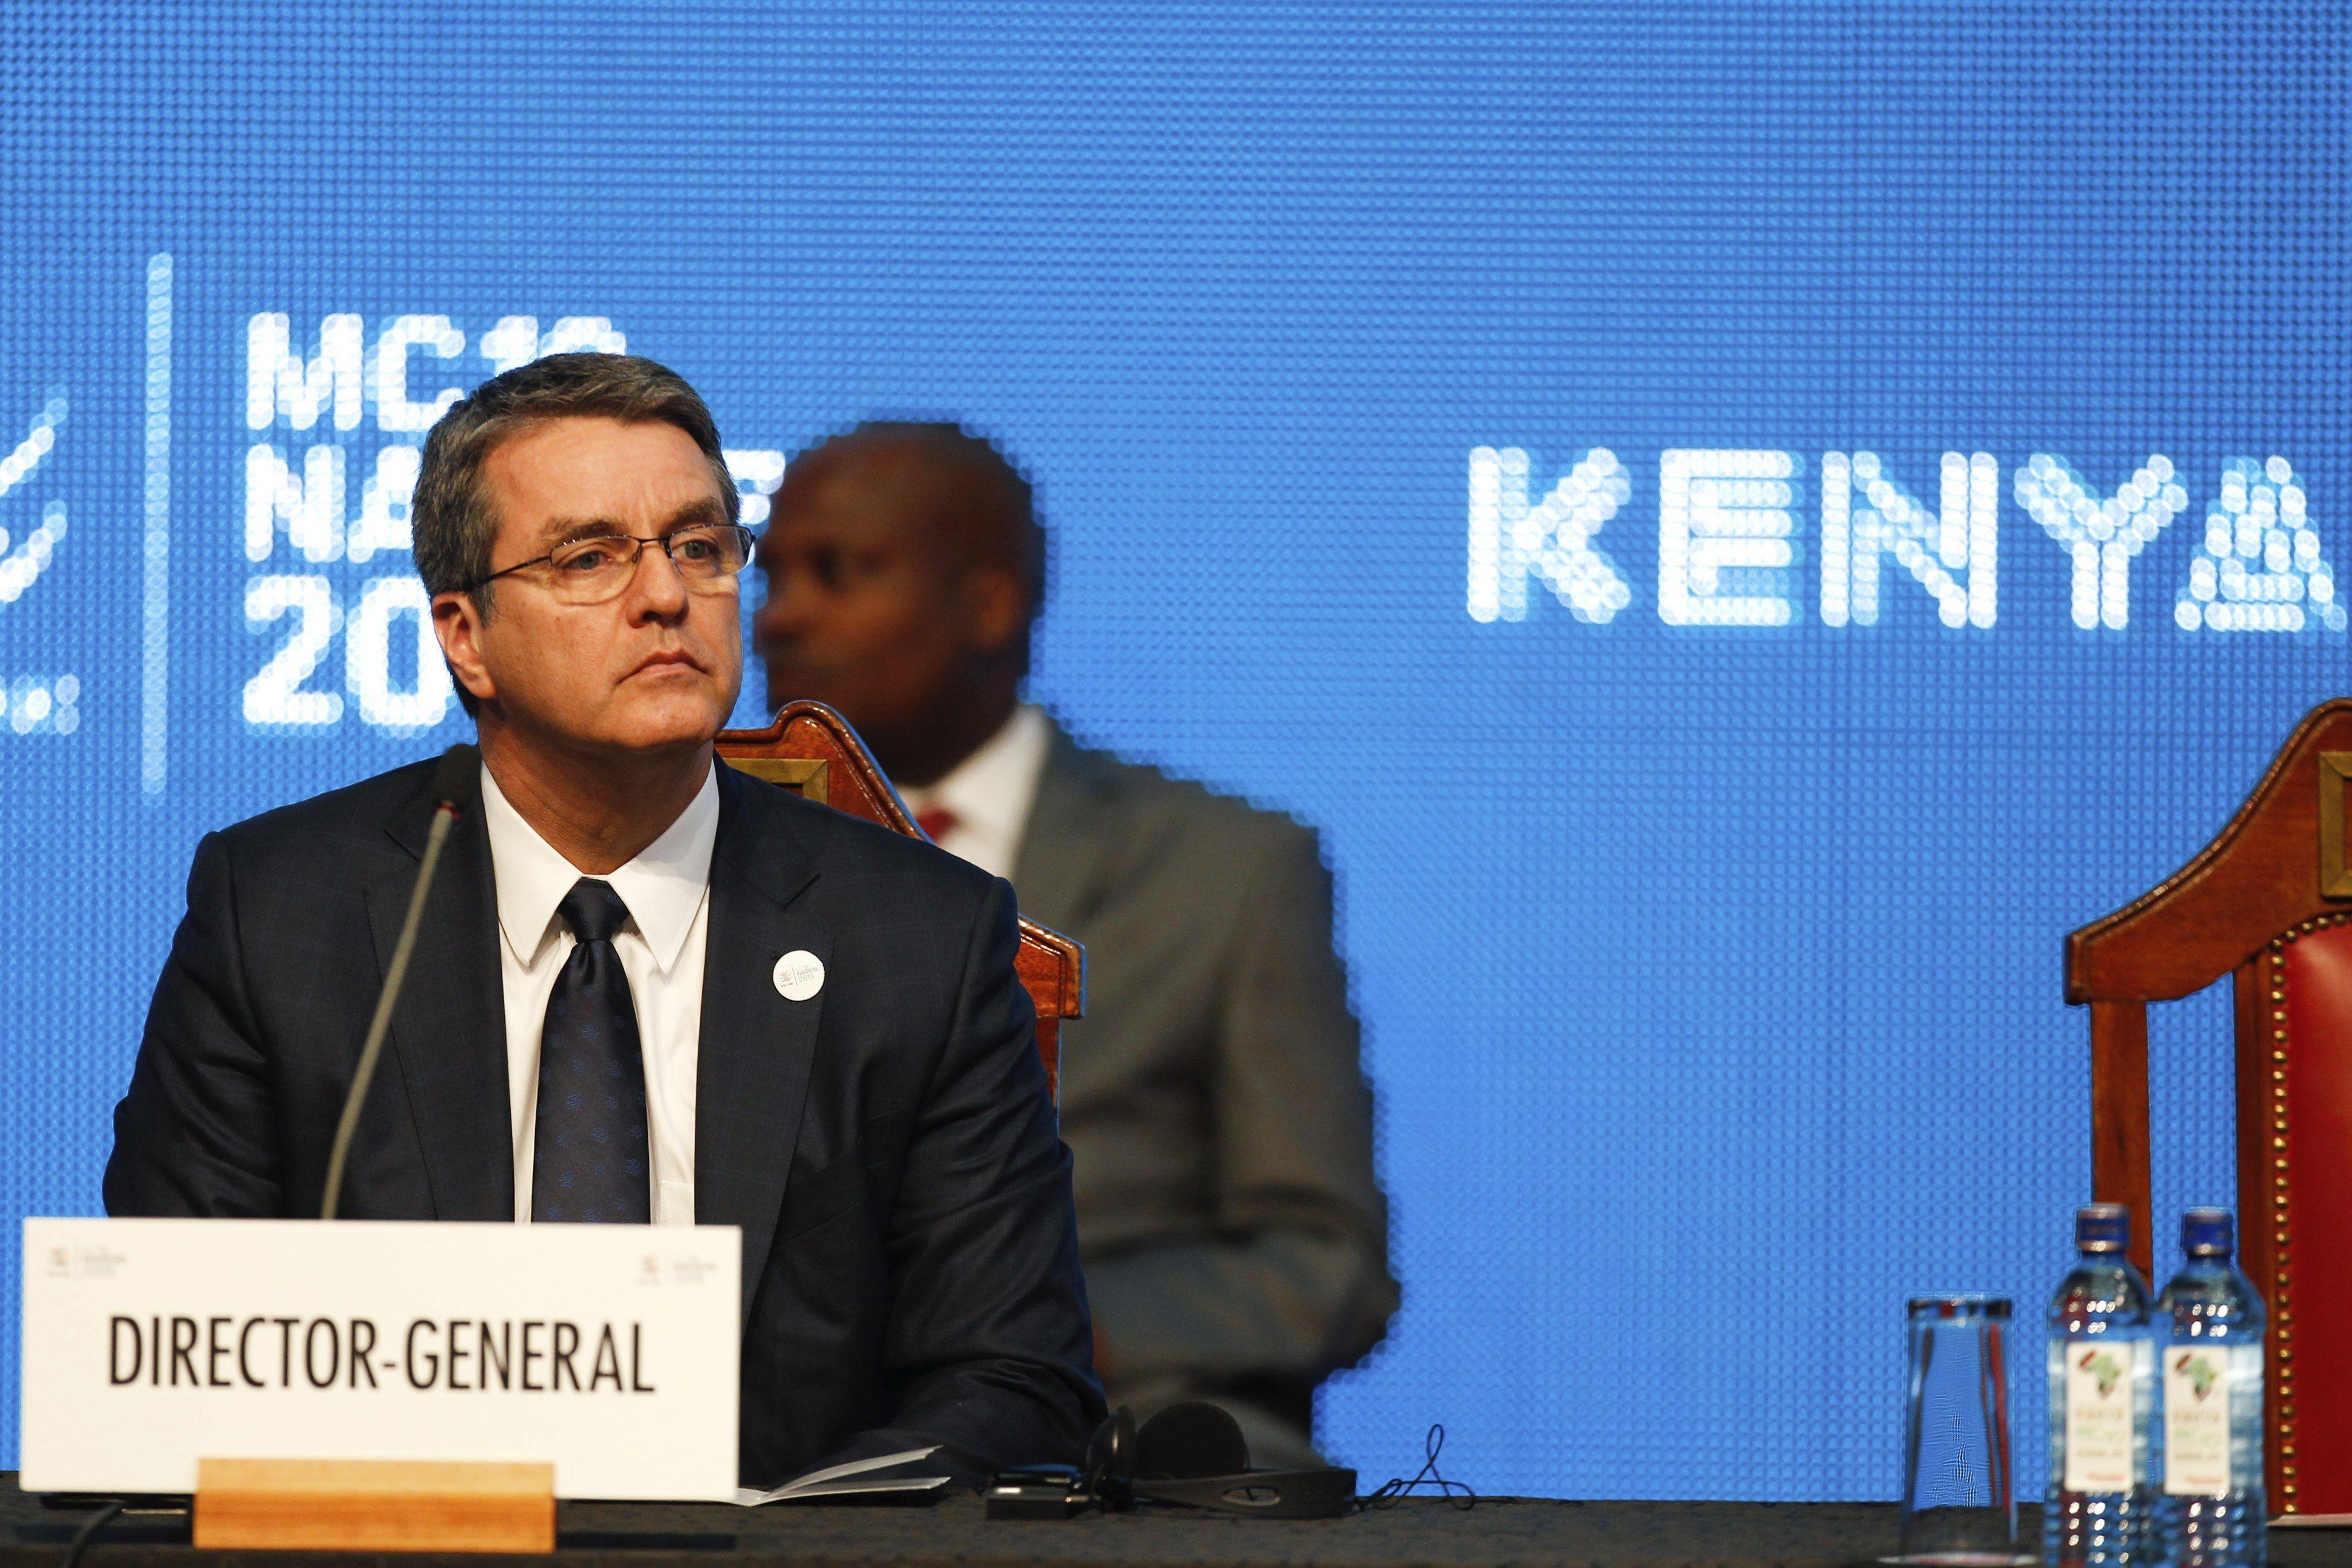 Acuerdo histórico para eliminar subsidios a exportaciones agrícolas